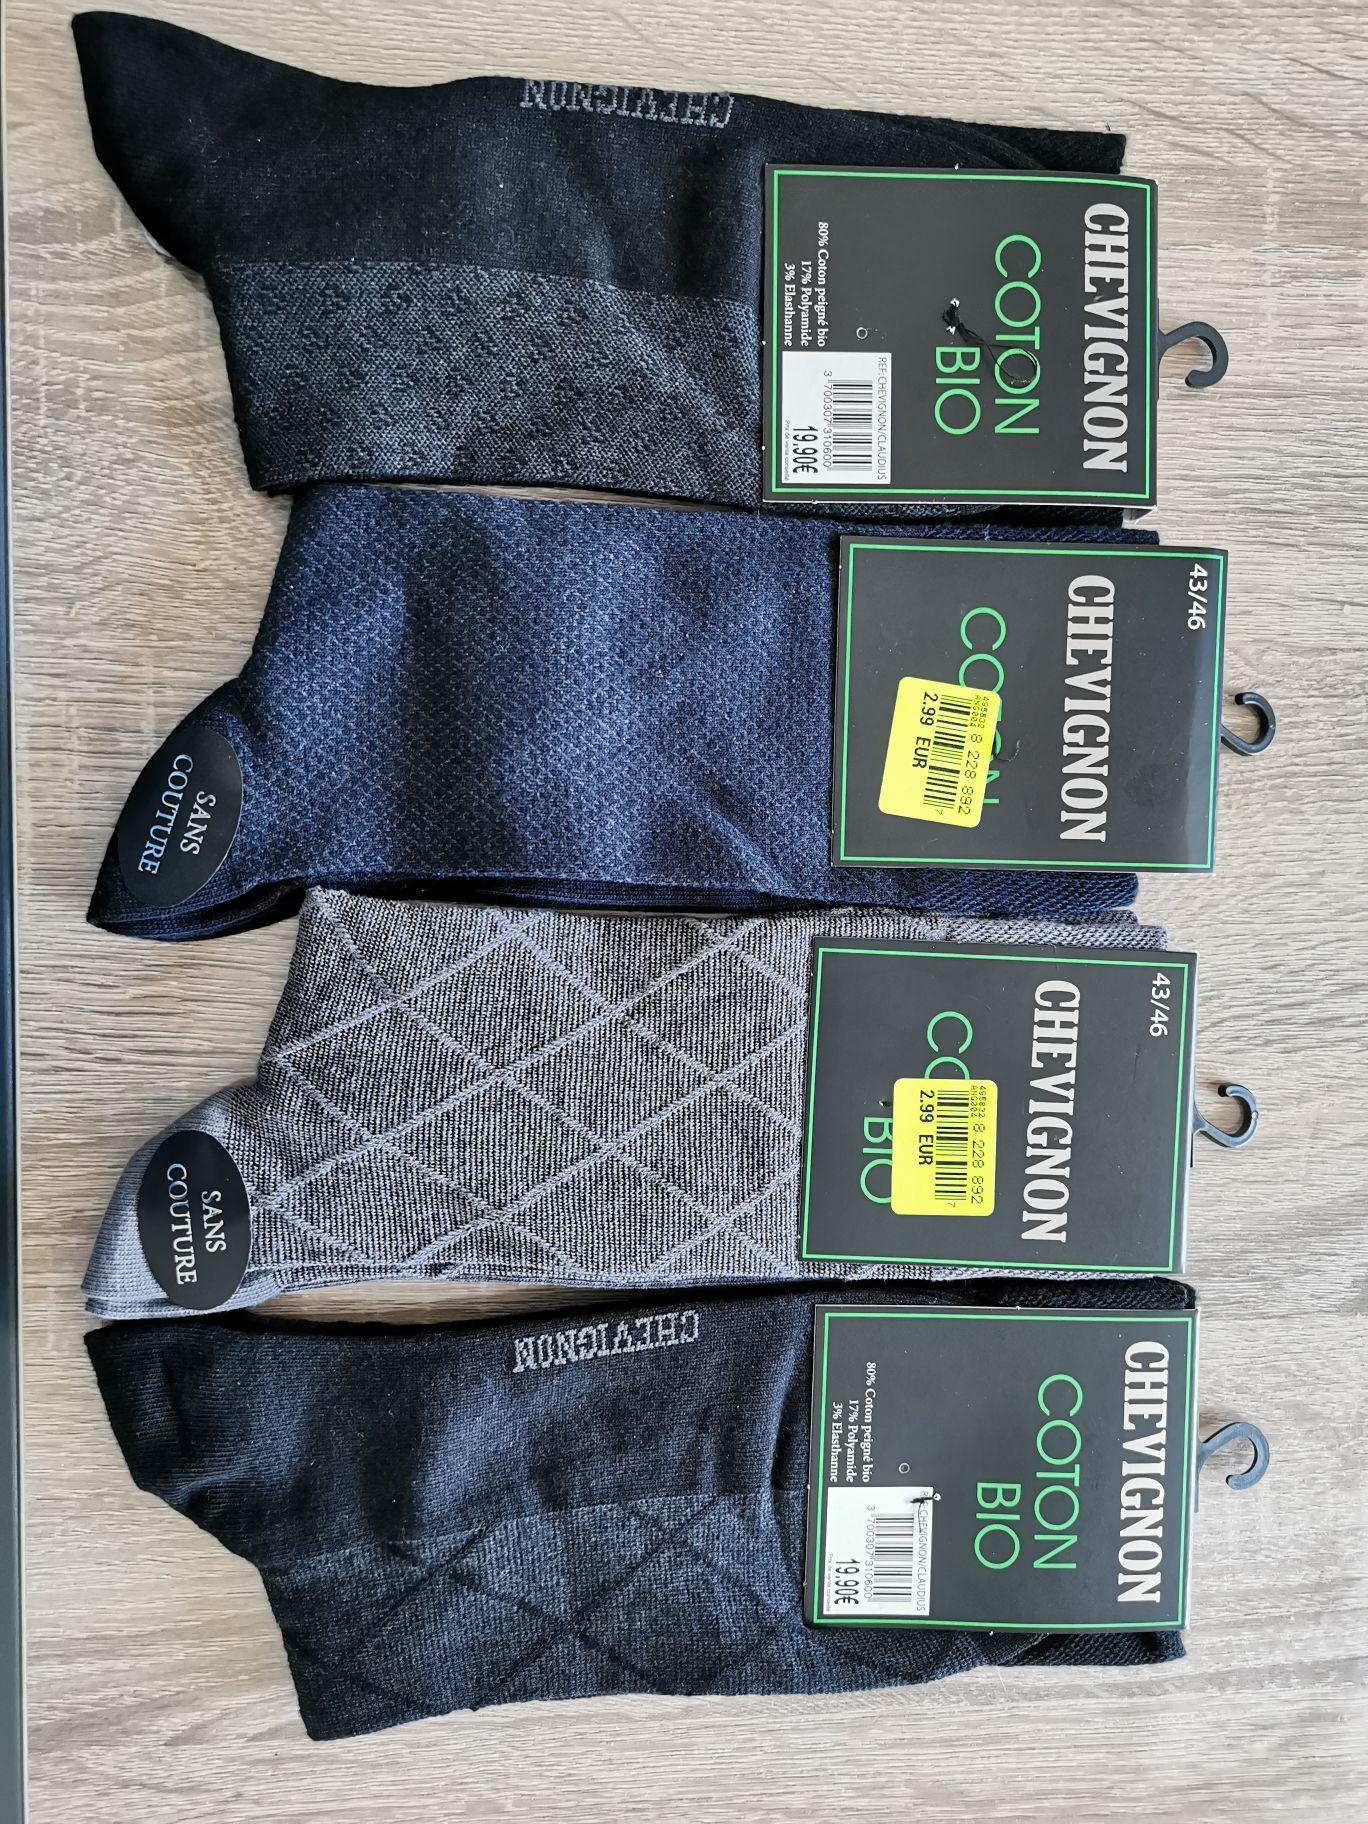 1 Paire de Chaussettes Chevignon en coton bio - Gournay-en-Bray (76)